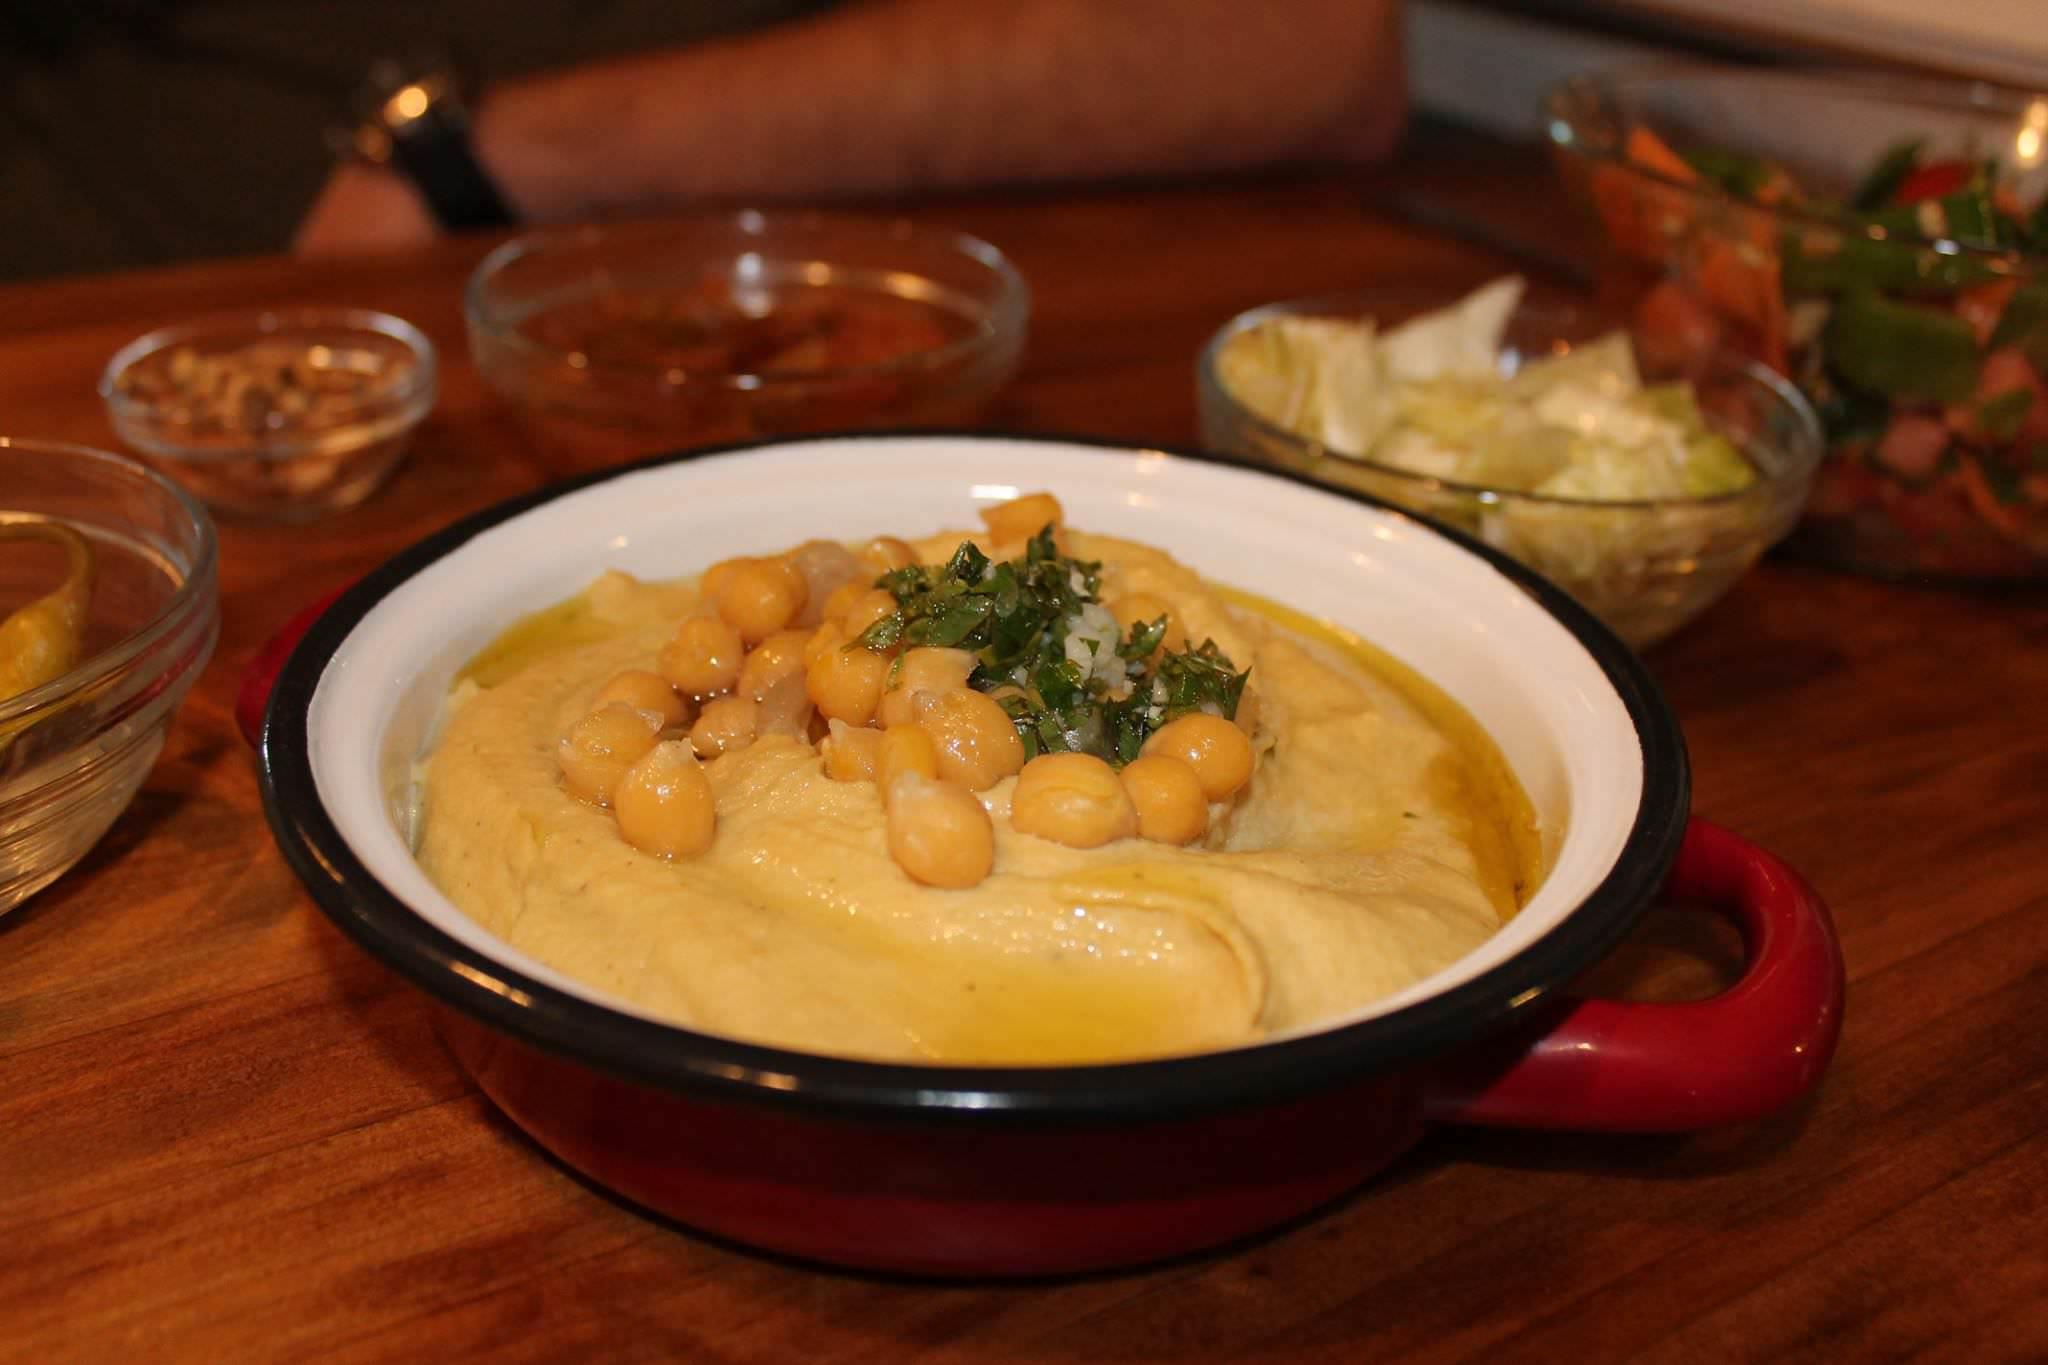 Plato de Hummus. hummus clásico con topping de garbanzos